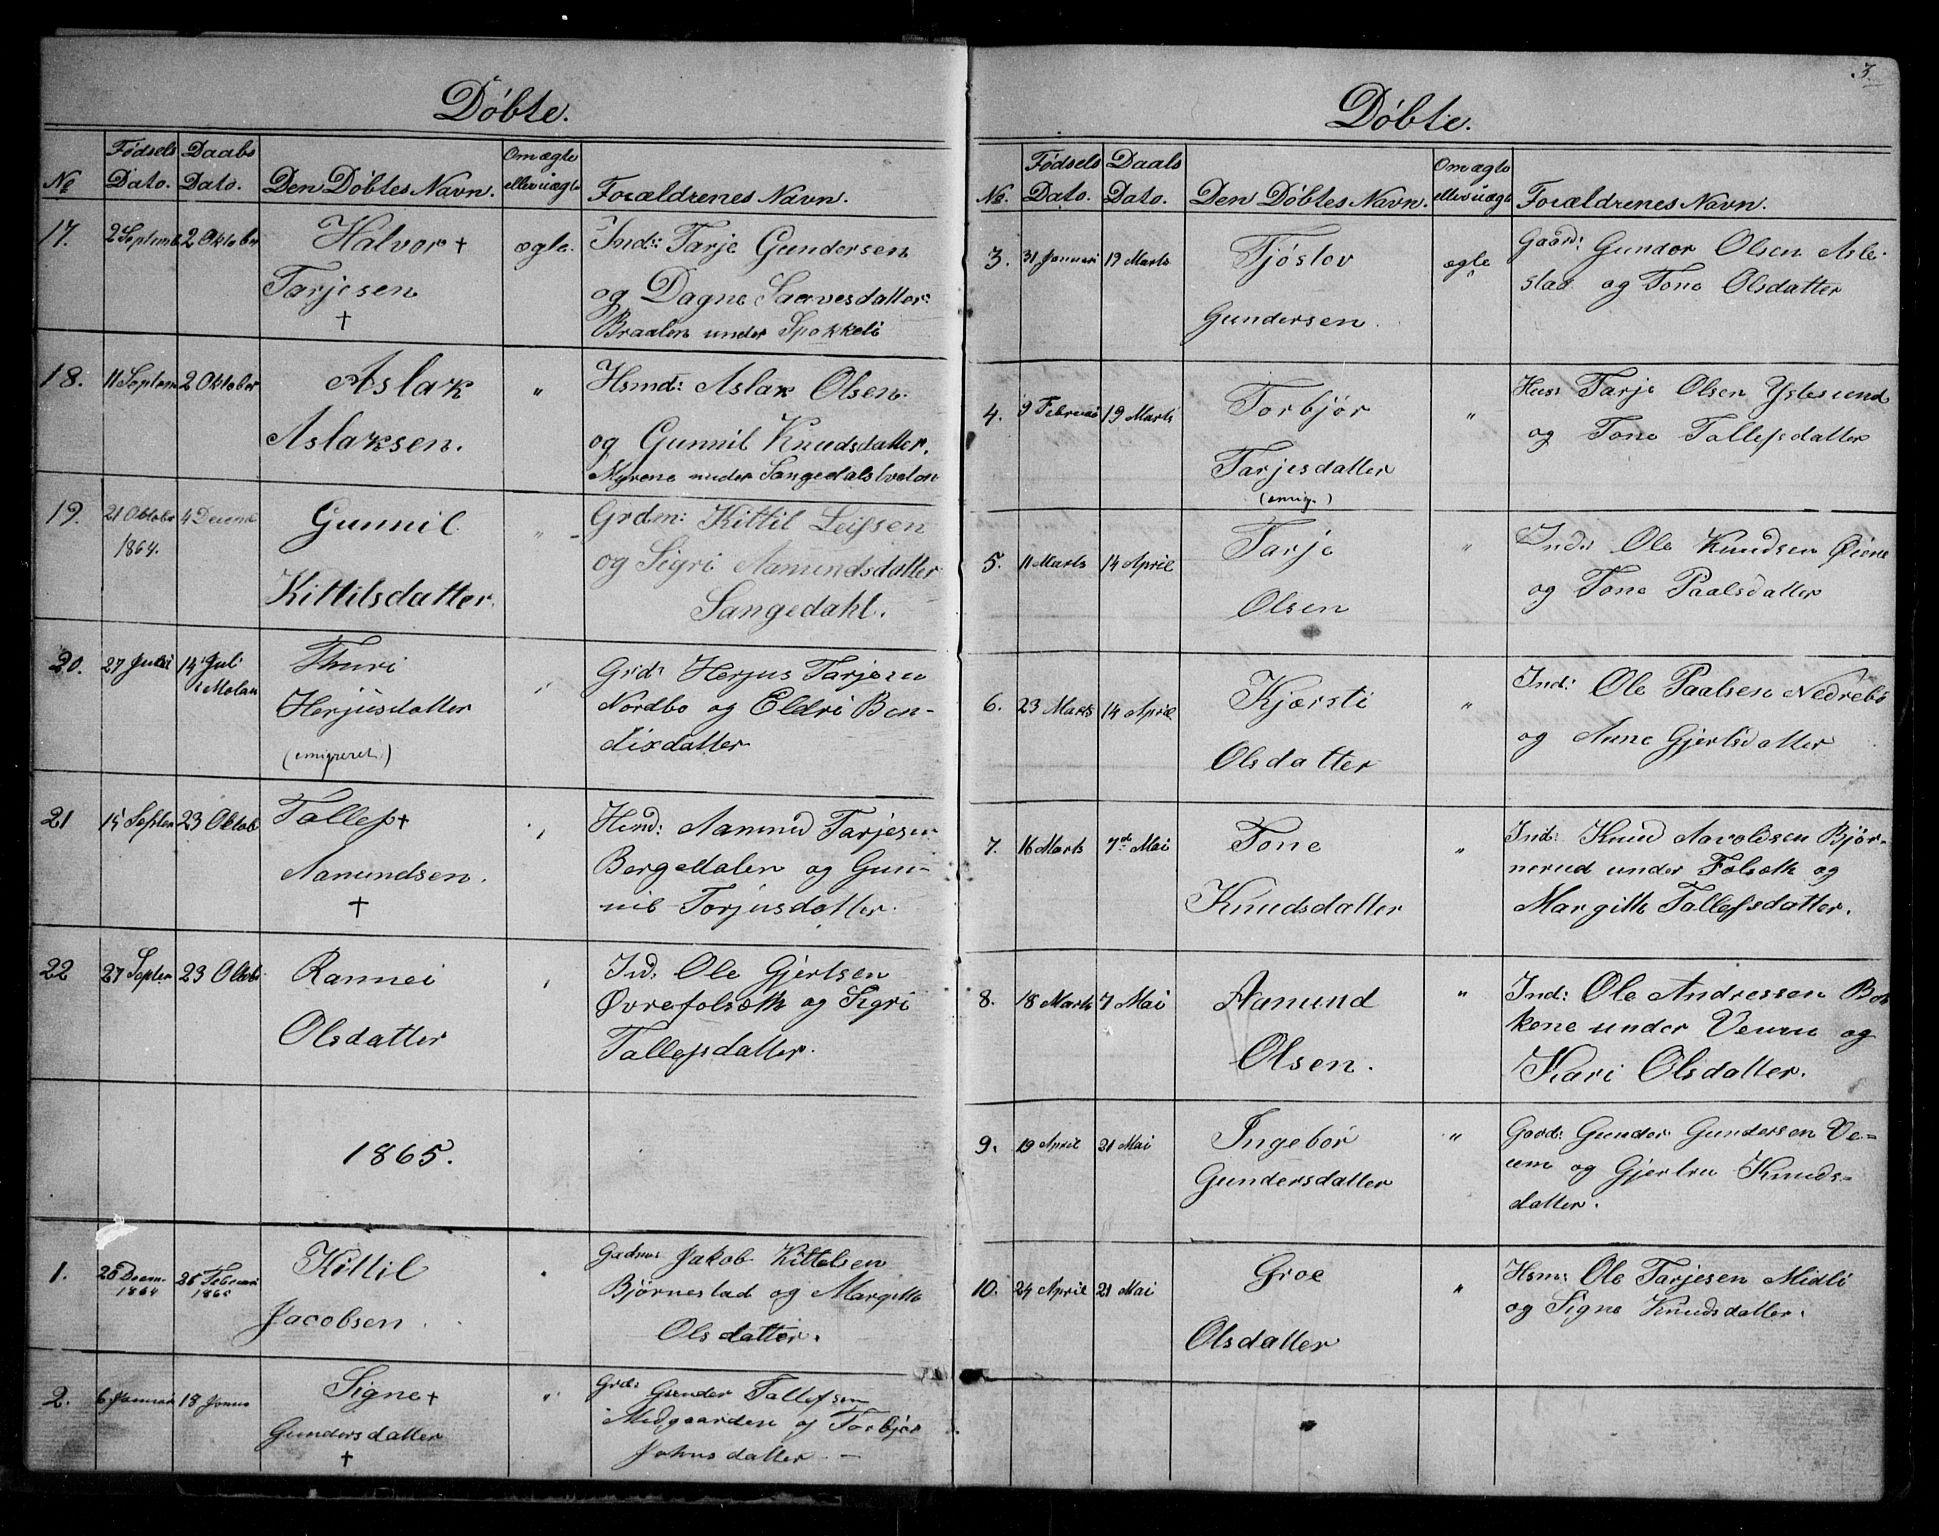 SAKO, Fyresdal kirkebøker, G/Gb/L0001: Klokkerbok nr. II 1, 1864-1890, s. 3